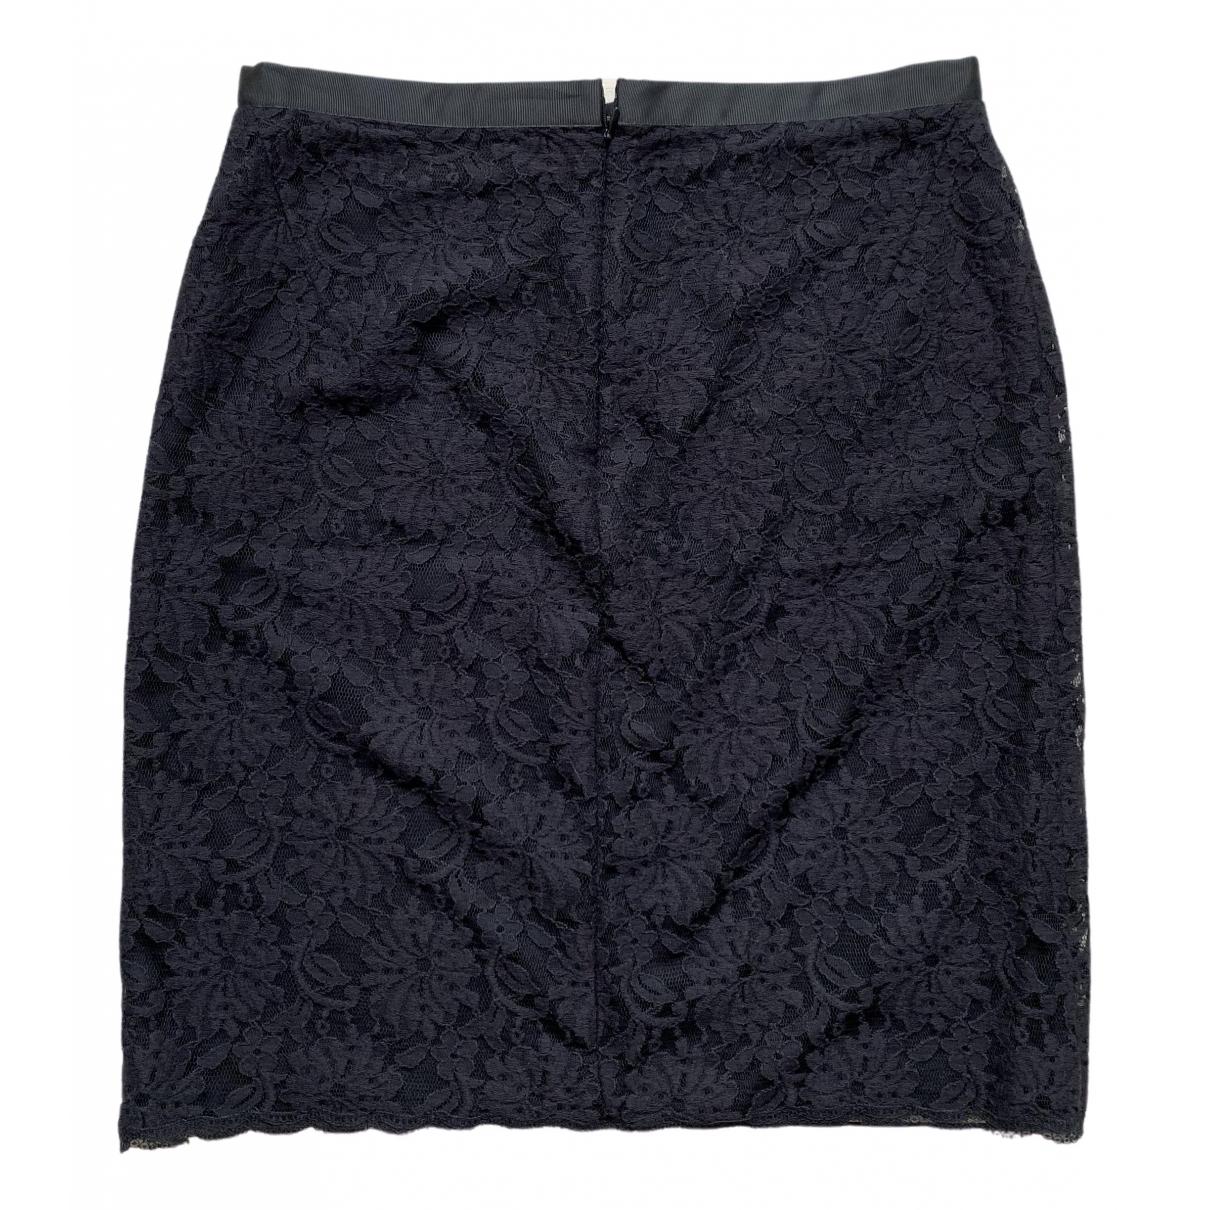 Lk Bennett - Jupe   pour femme en coton - noir